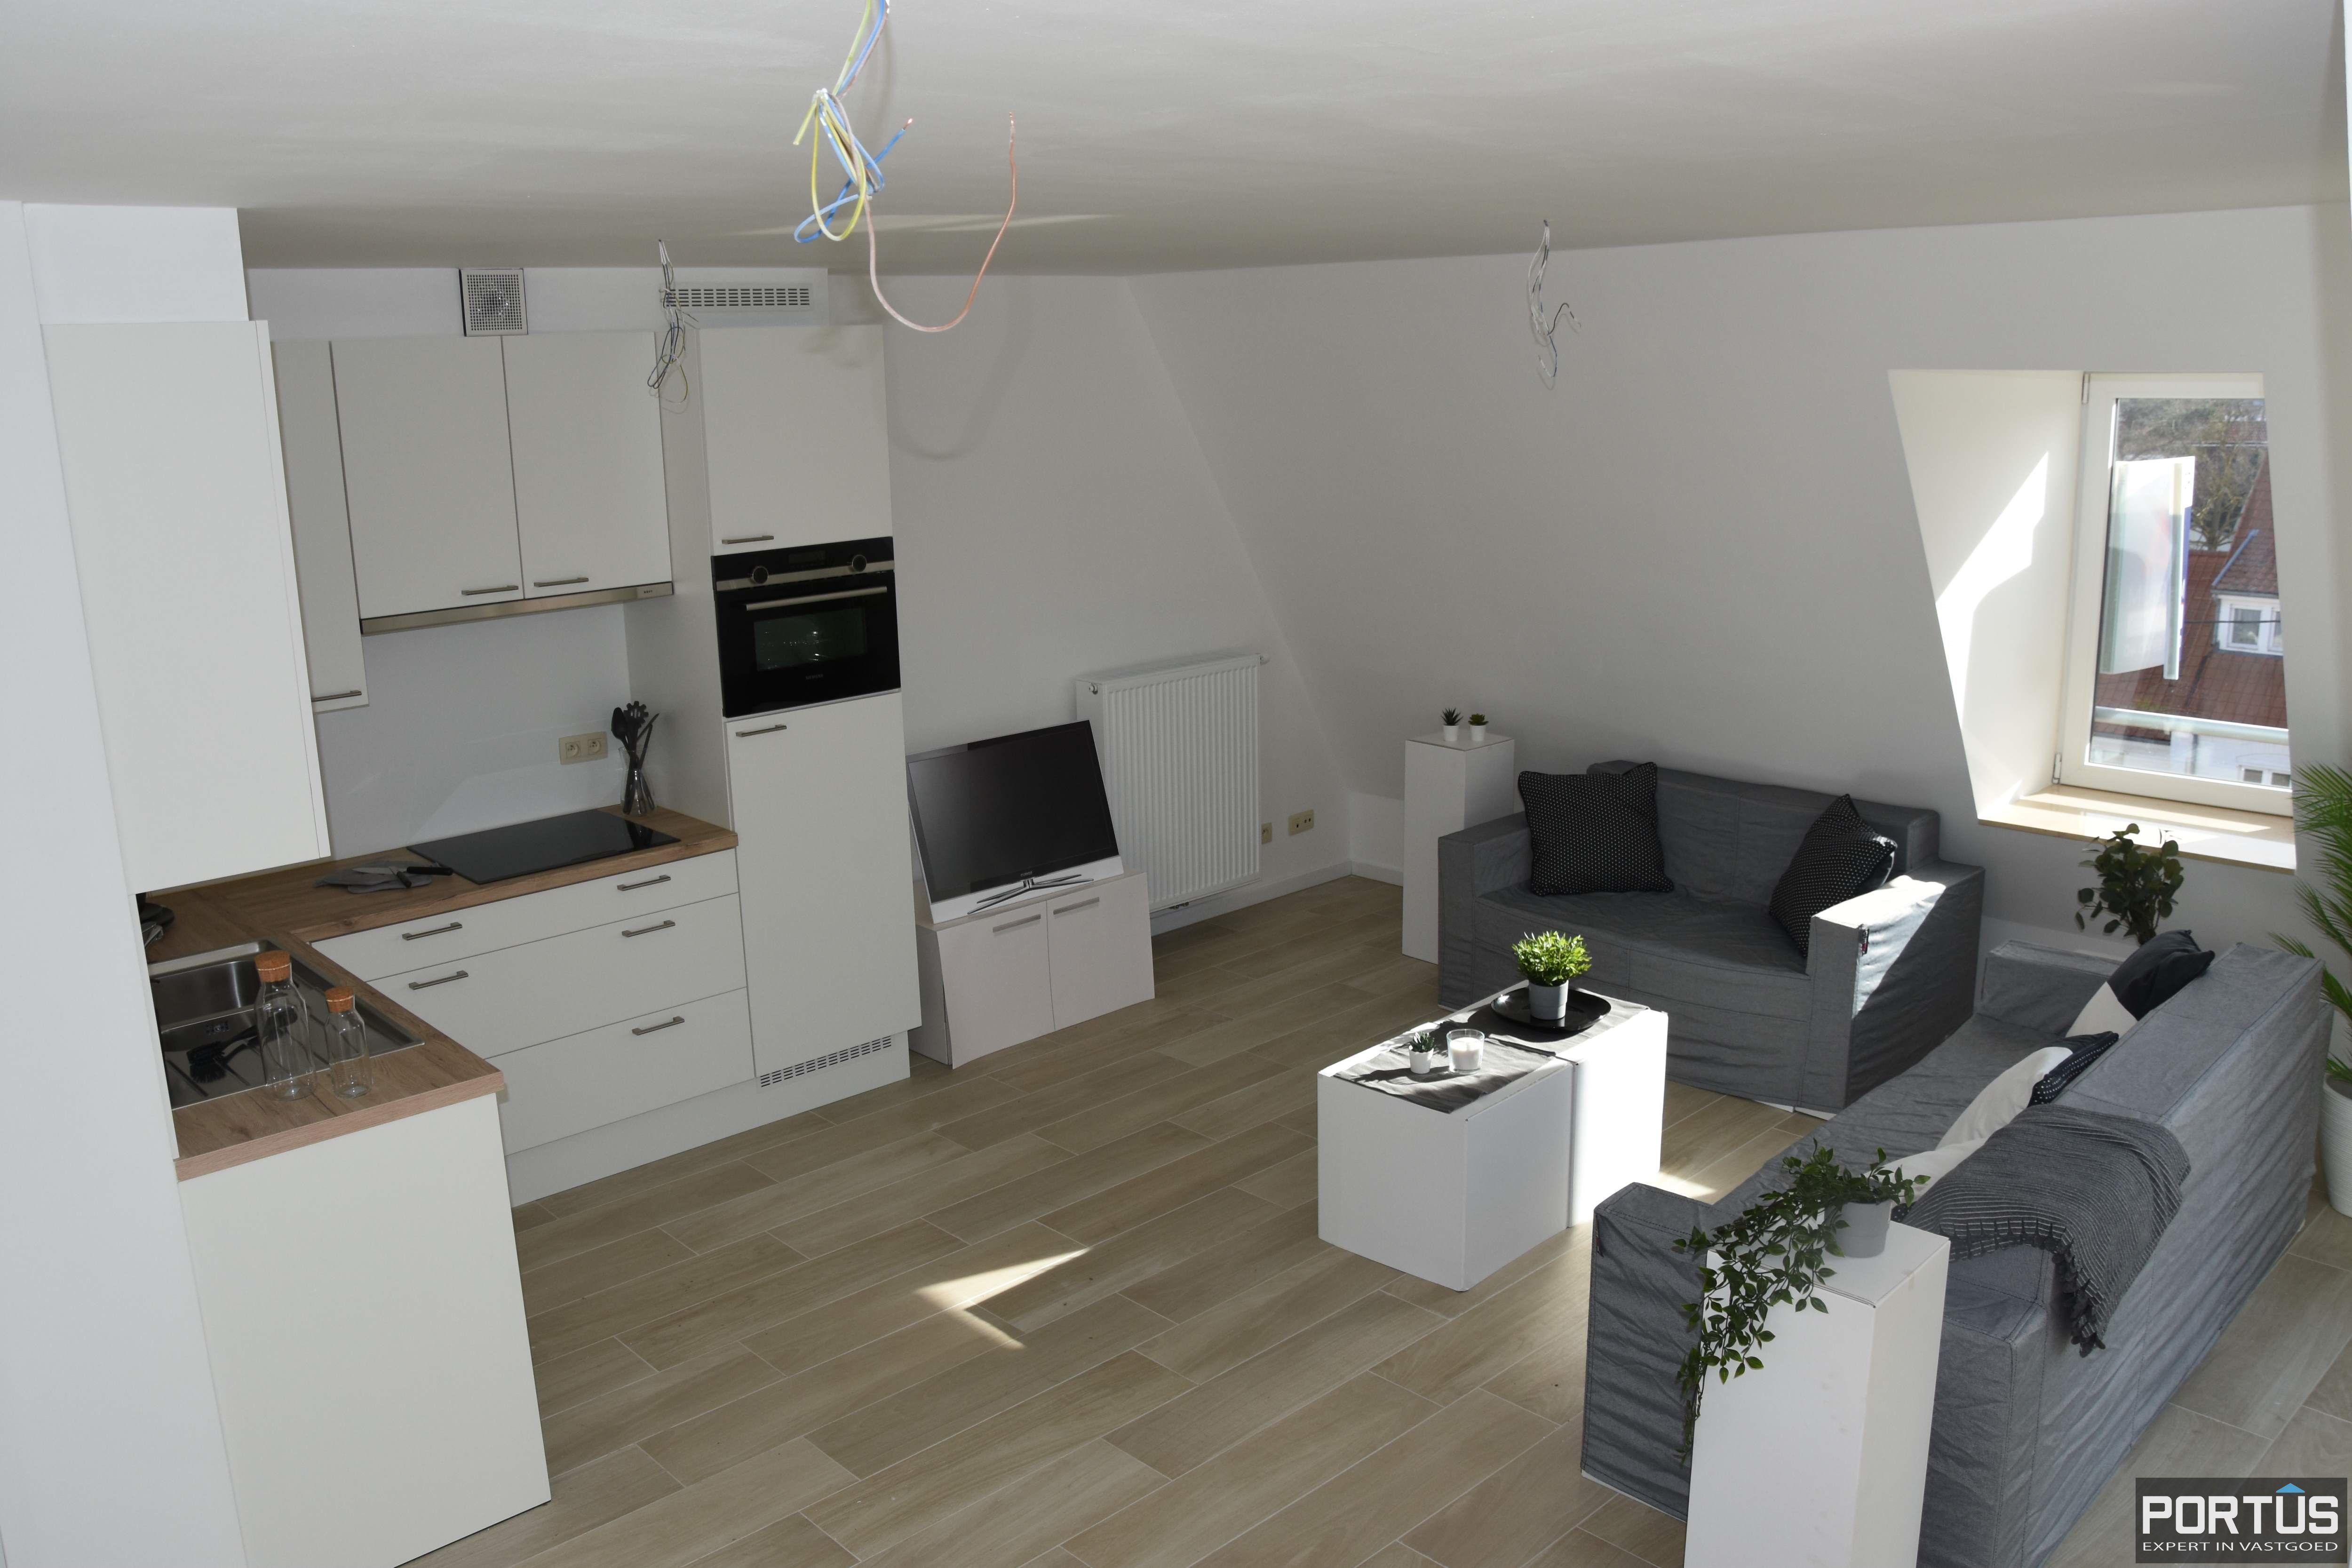 Appartement met 2 slaapkamers te koop te Nieuwpoort - 12312